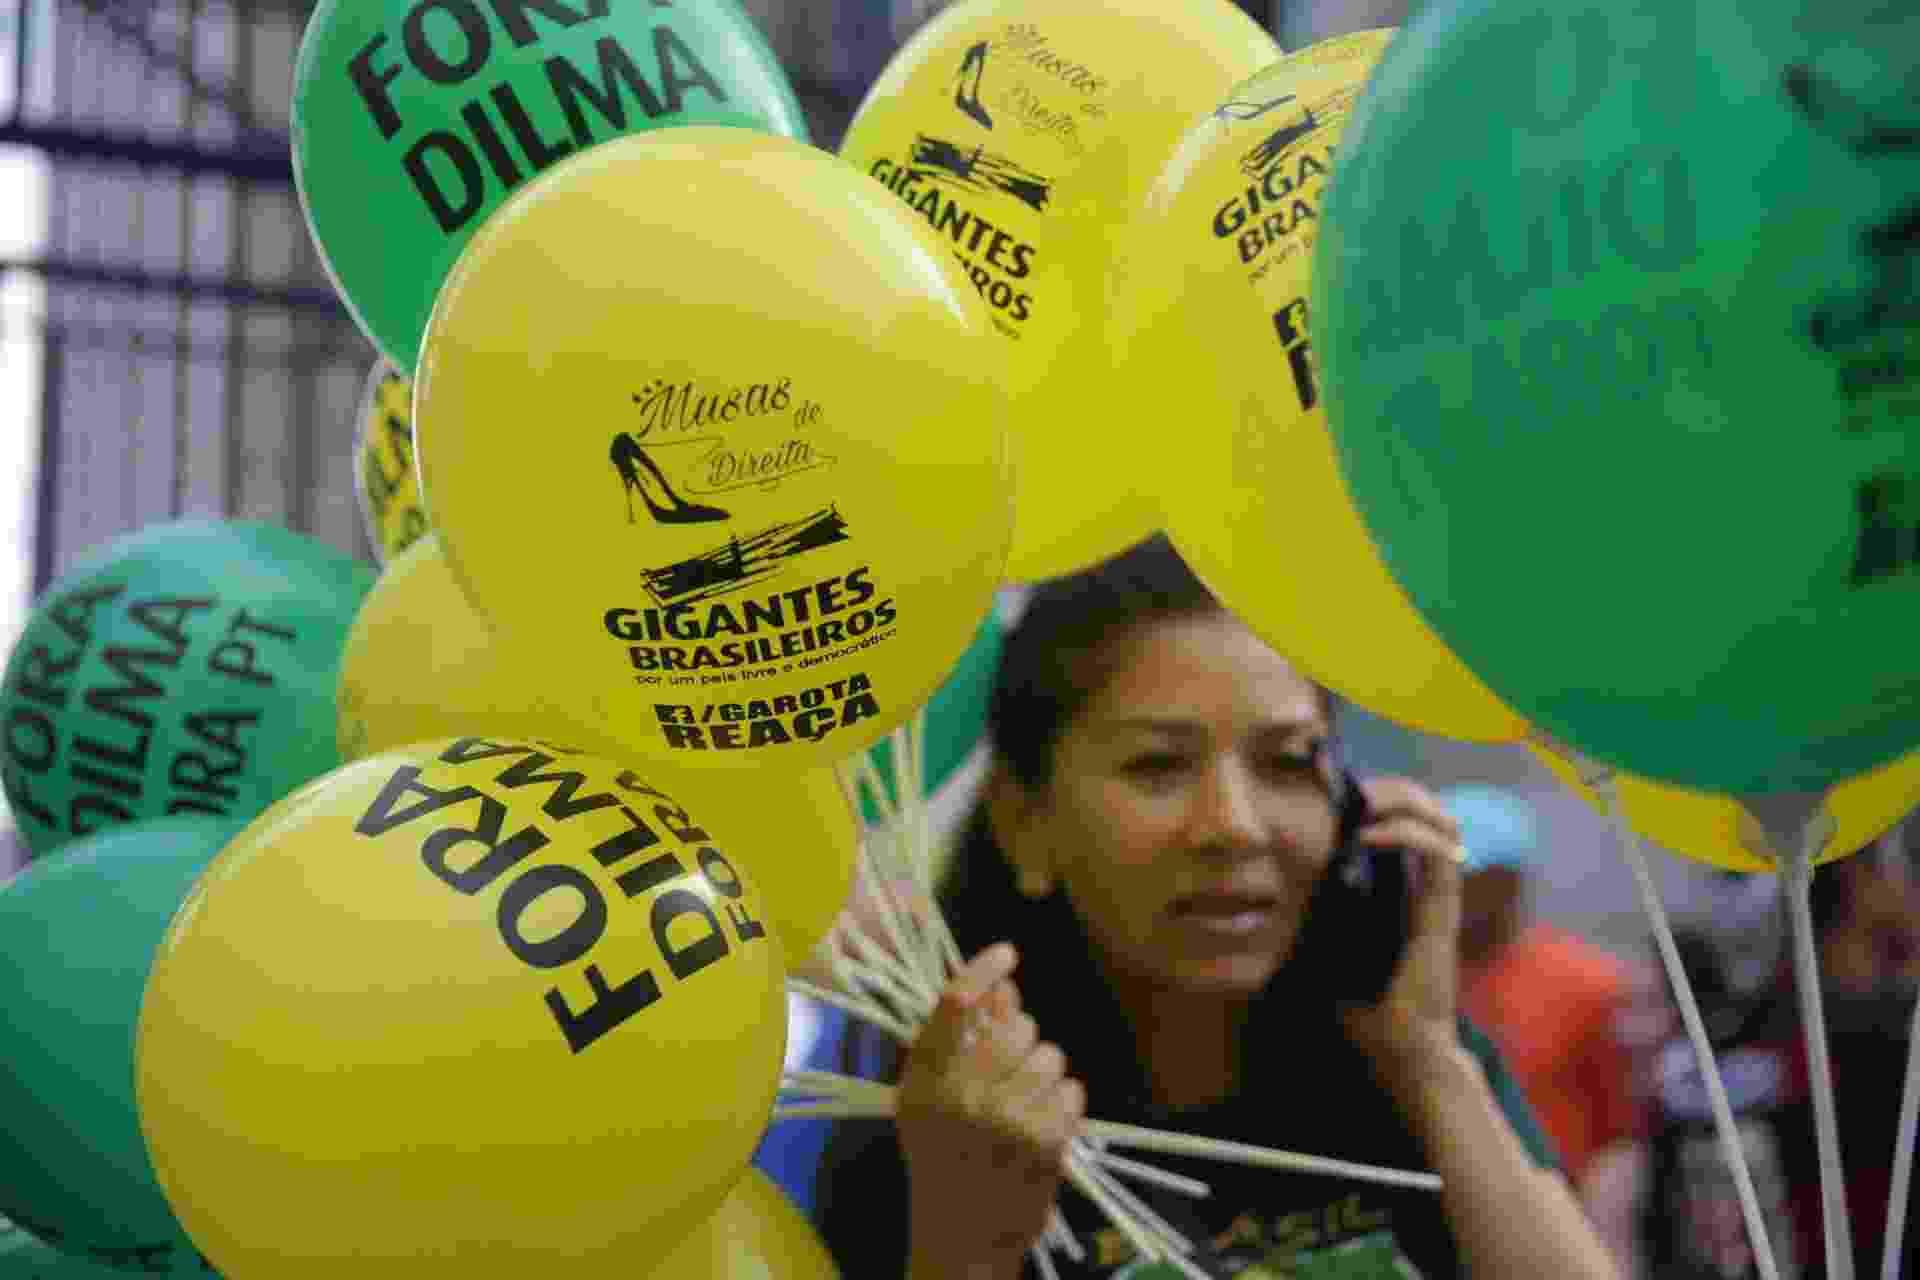 Participantes da São Silvestre levam bexigas pedindo a saída de Dilma - Danilo Verpa/Folhapress